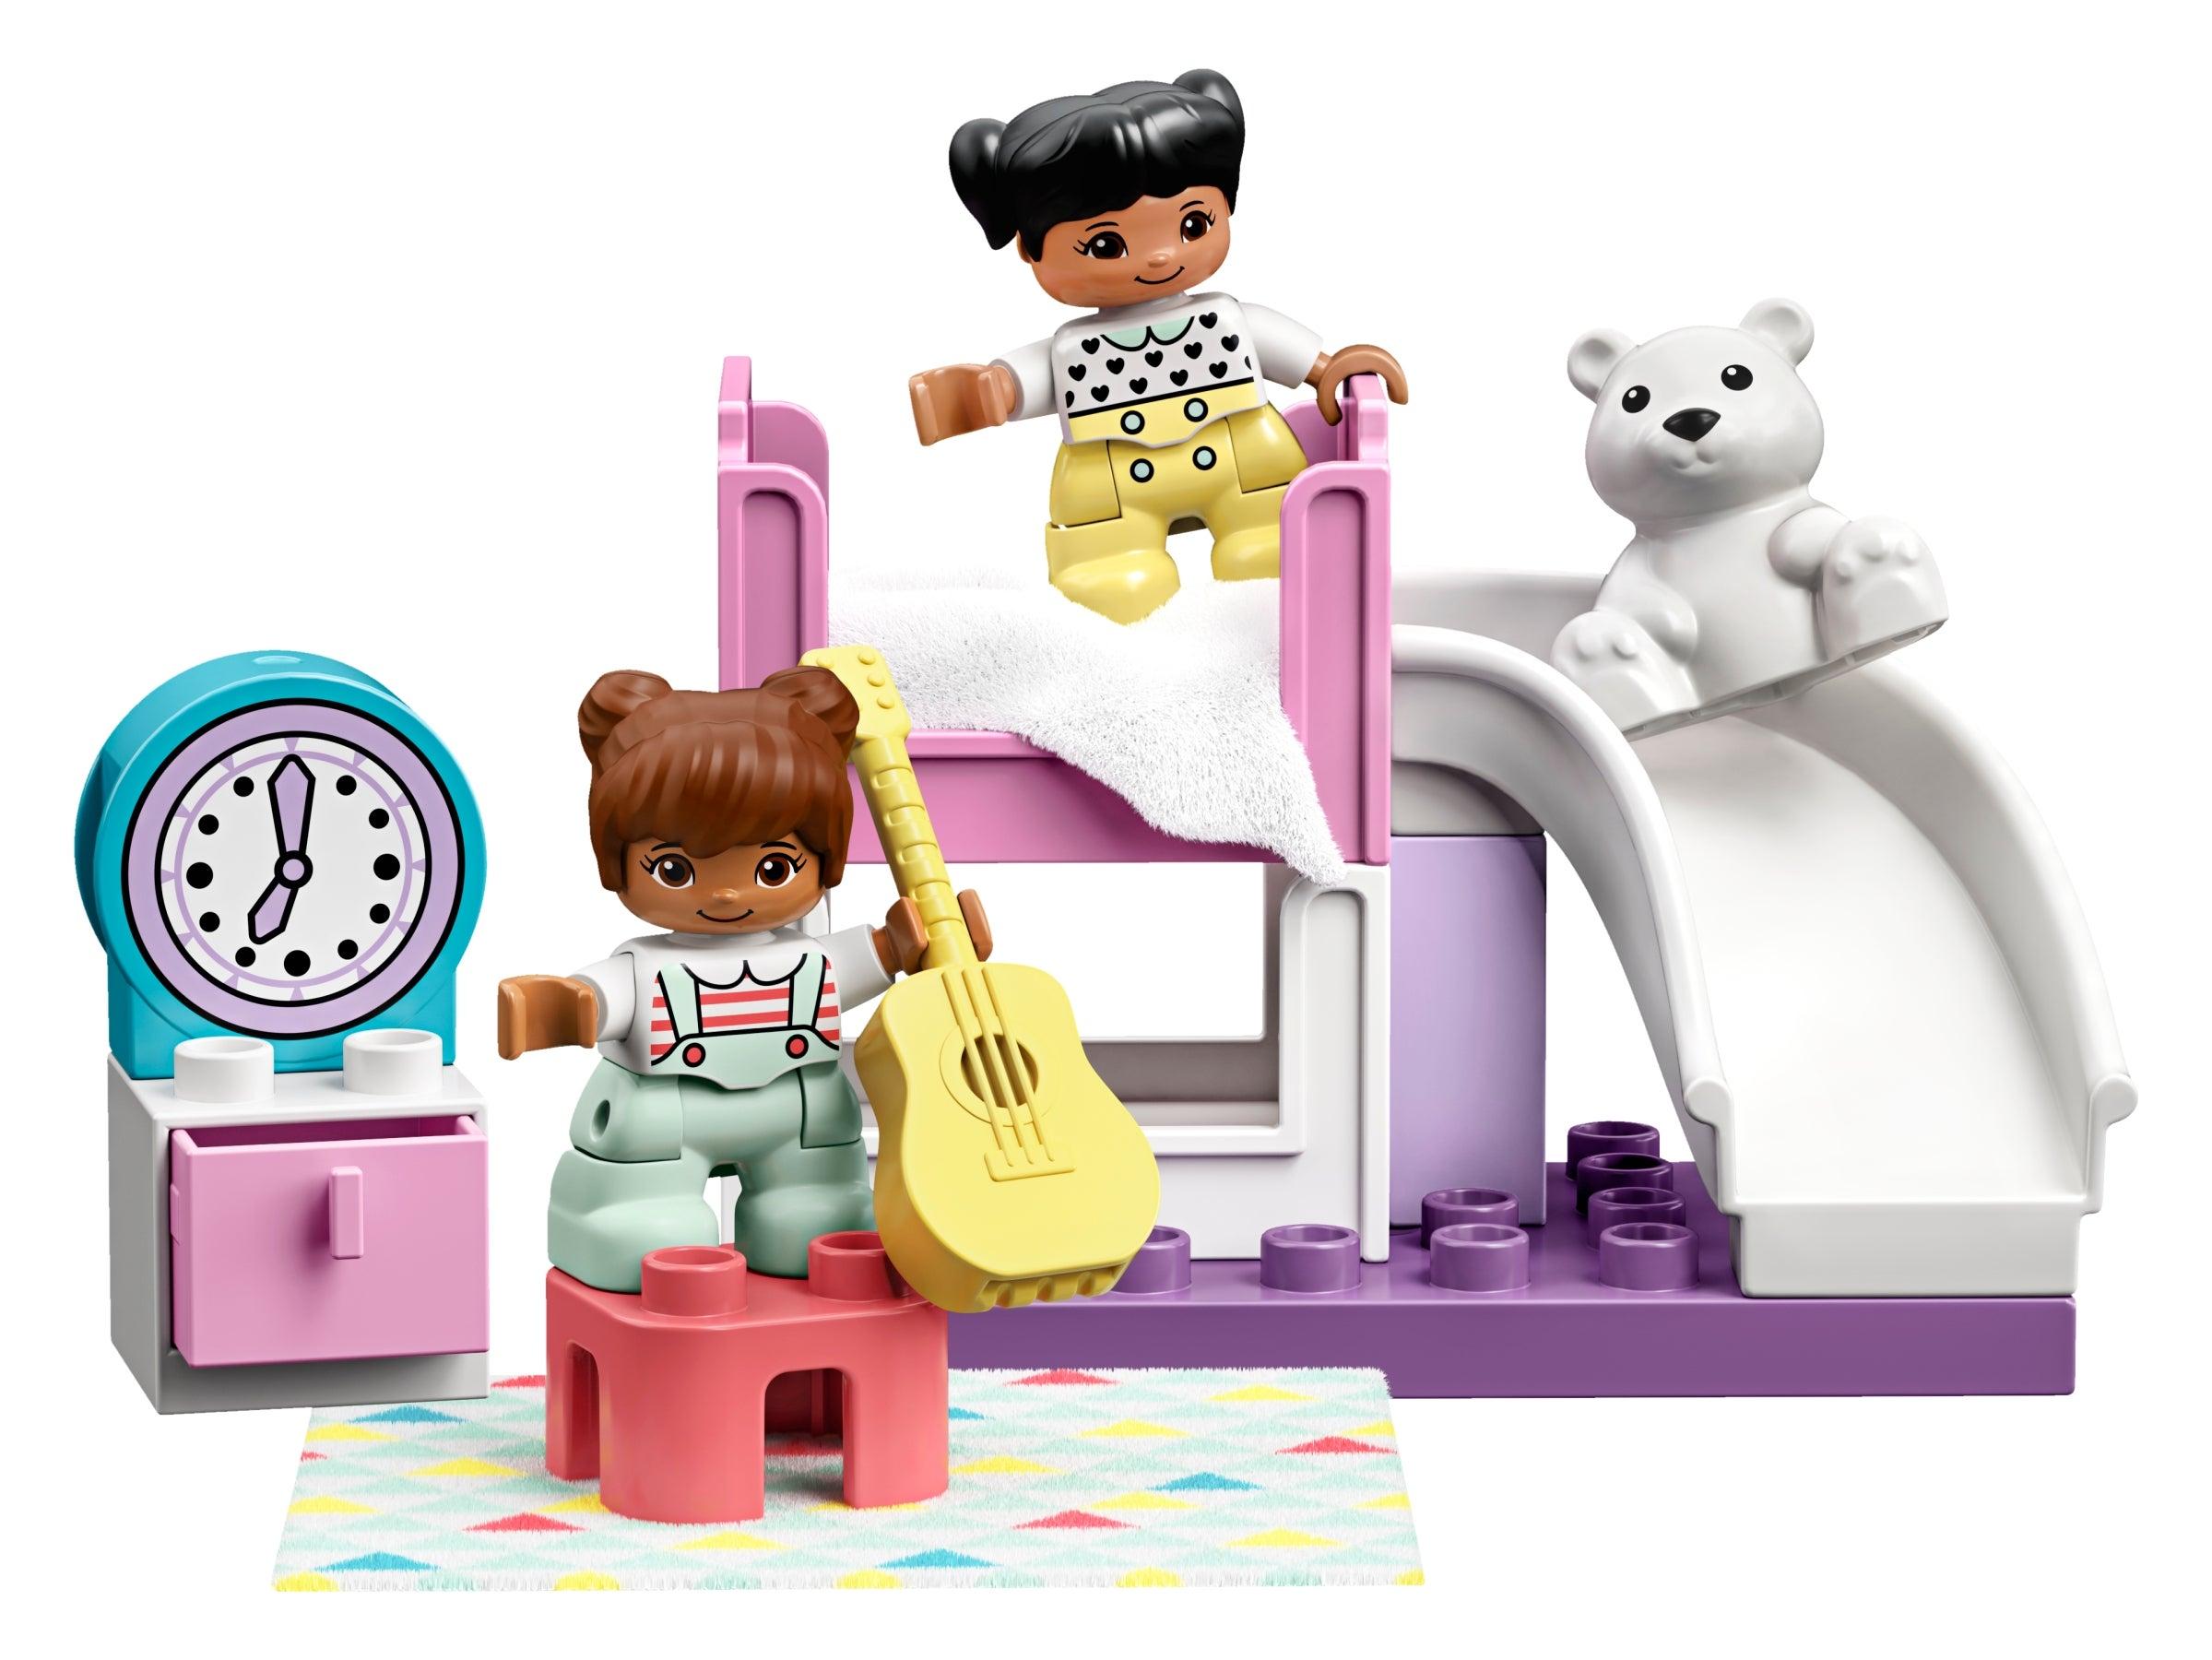 Lego Duplo Ville 1 X Figur Kind Mädchen Clara aus 10926 NEU Zöpfe Schwarz